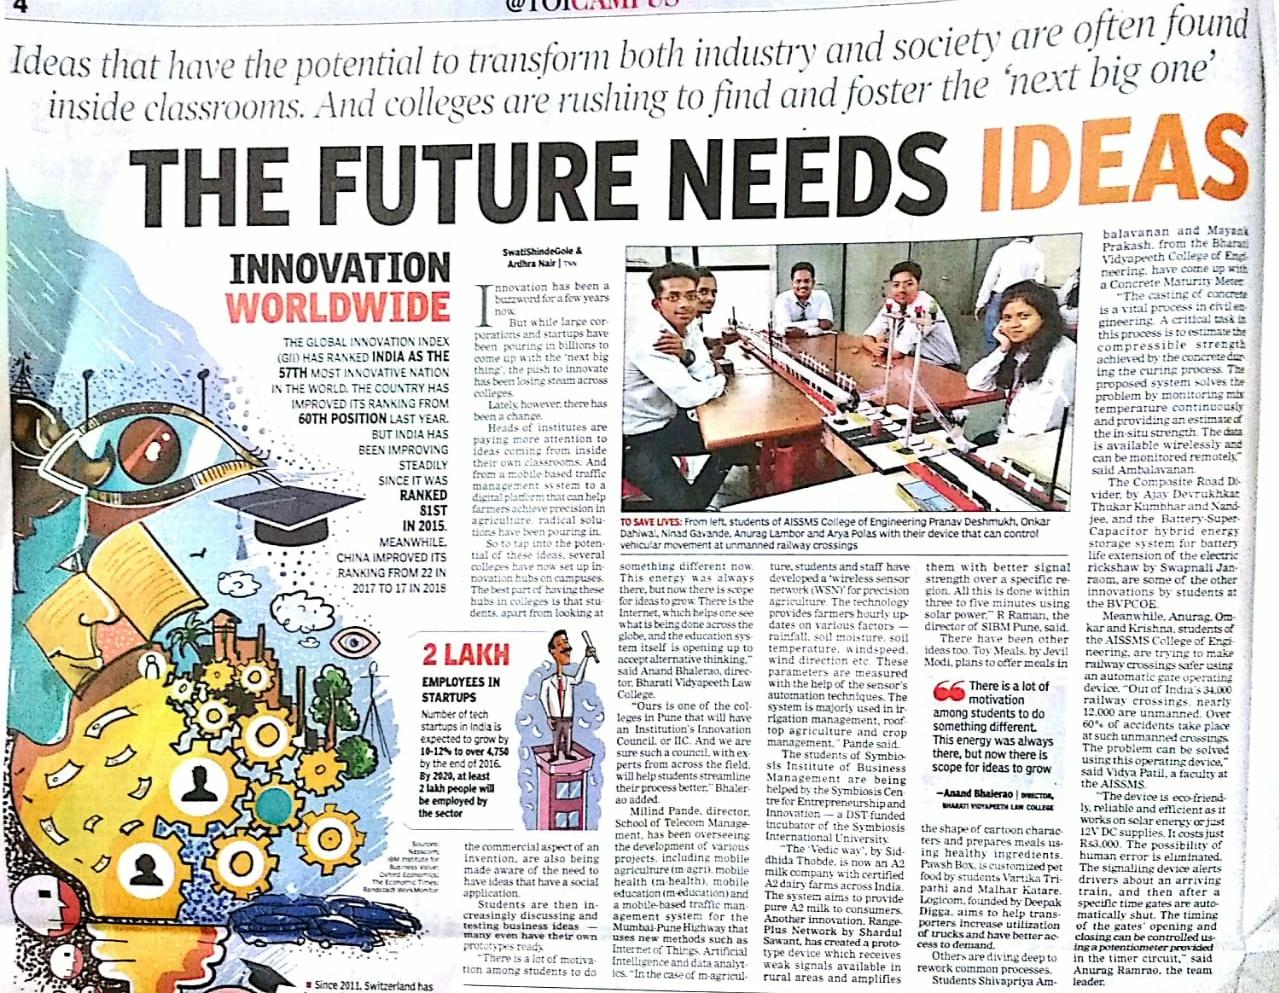 Start-ups by SIBM Pune Innovation and Entrepreneurship